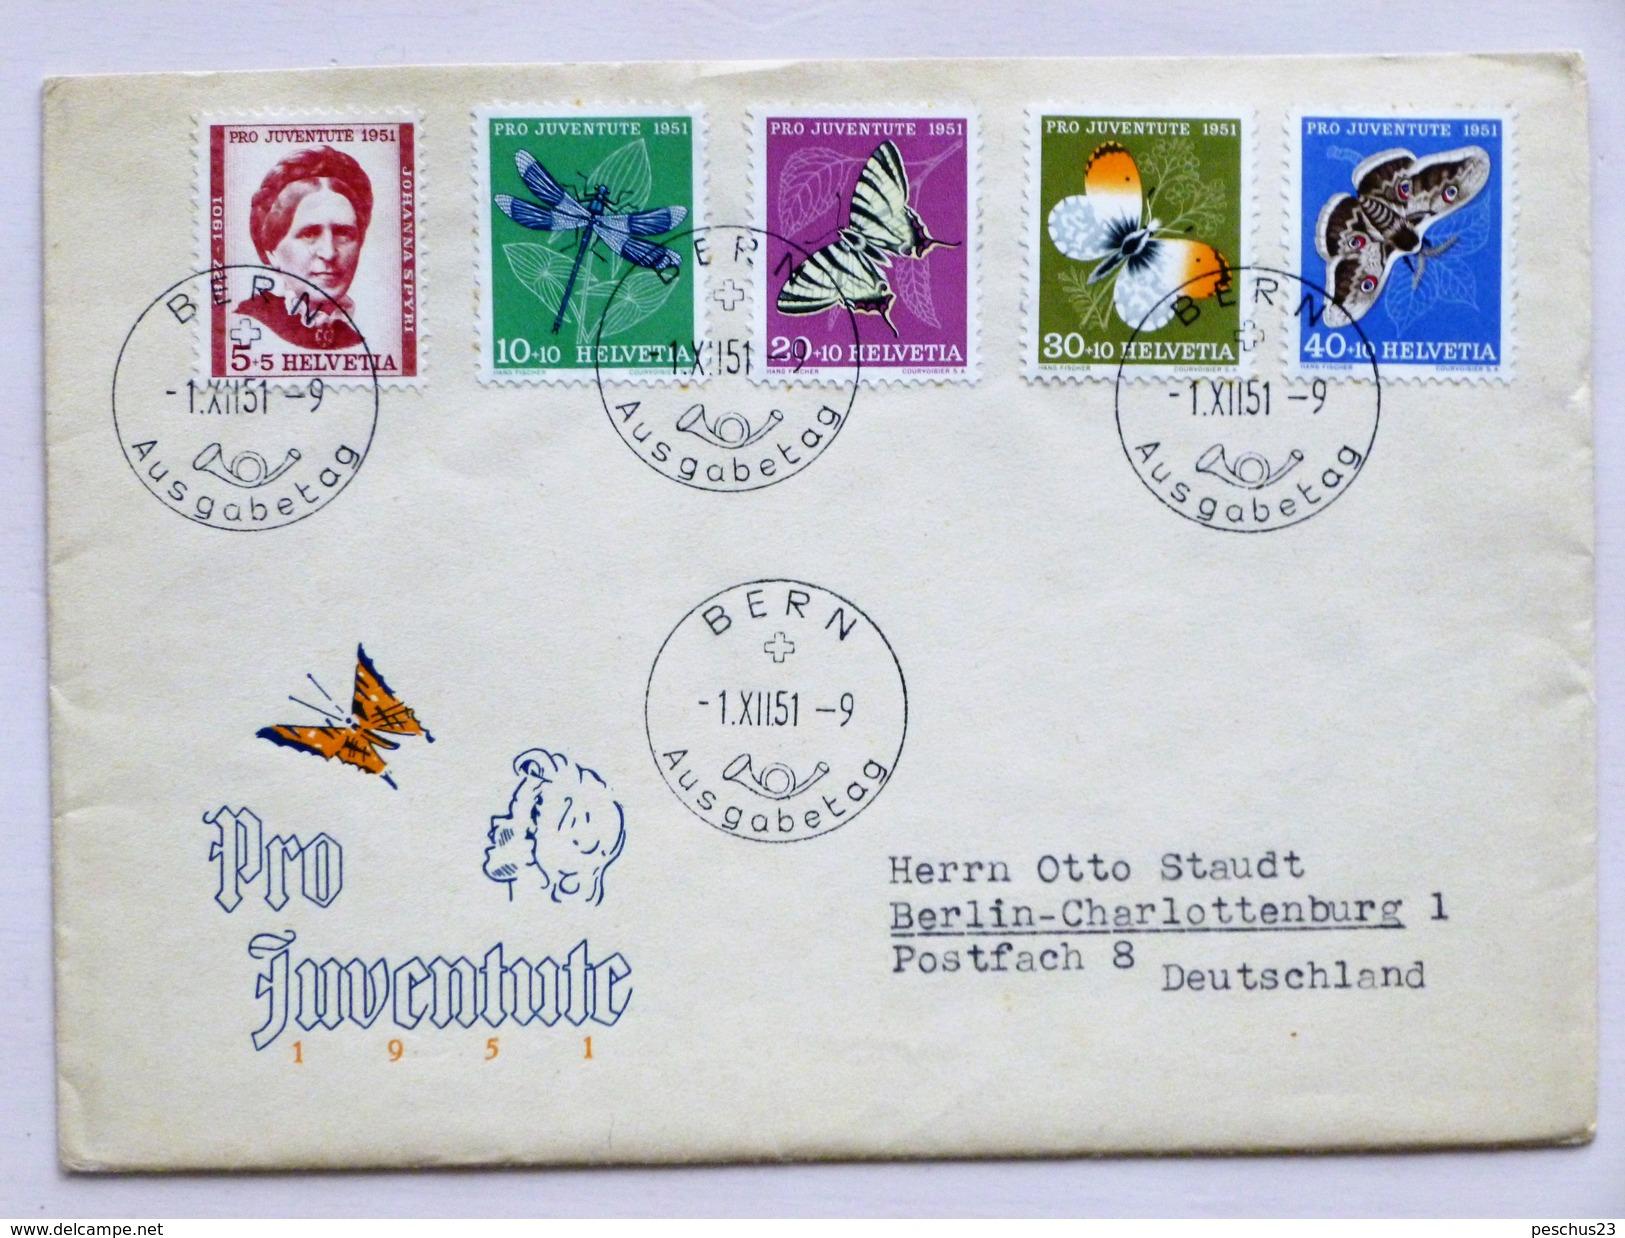 SUISSE / SCHWEIZ / SWITZERLAND // 1951, FDC PRO JUVENTUTE, Illustriertes Couvert, Kpl. Serie, BERN 1.XII.51=>DEUTSCHLAND - Lettres & Documents